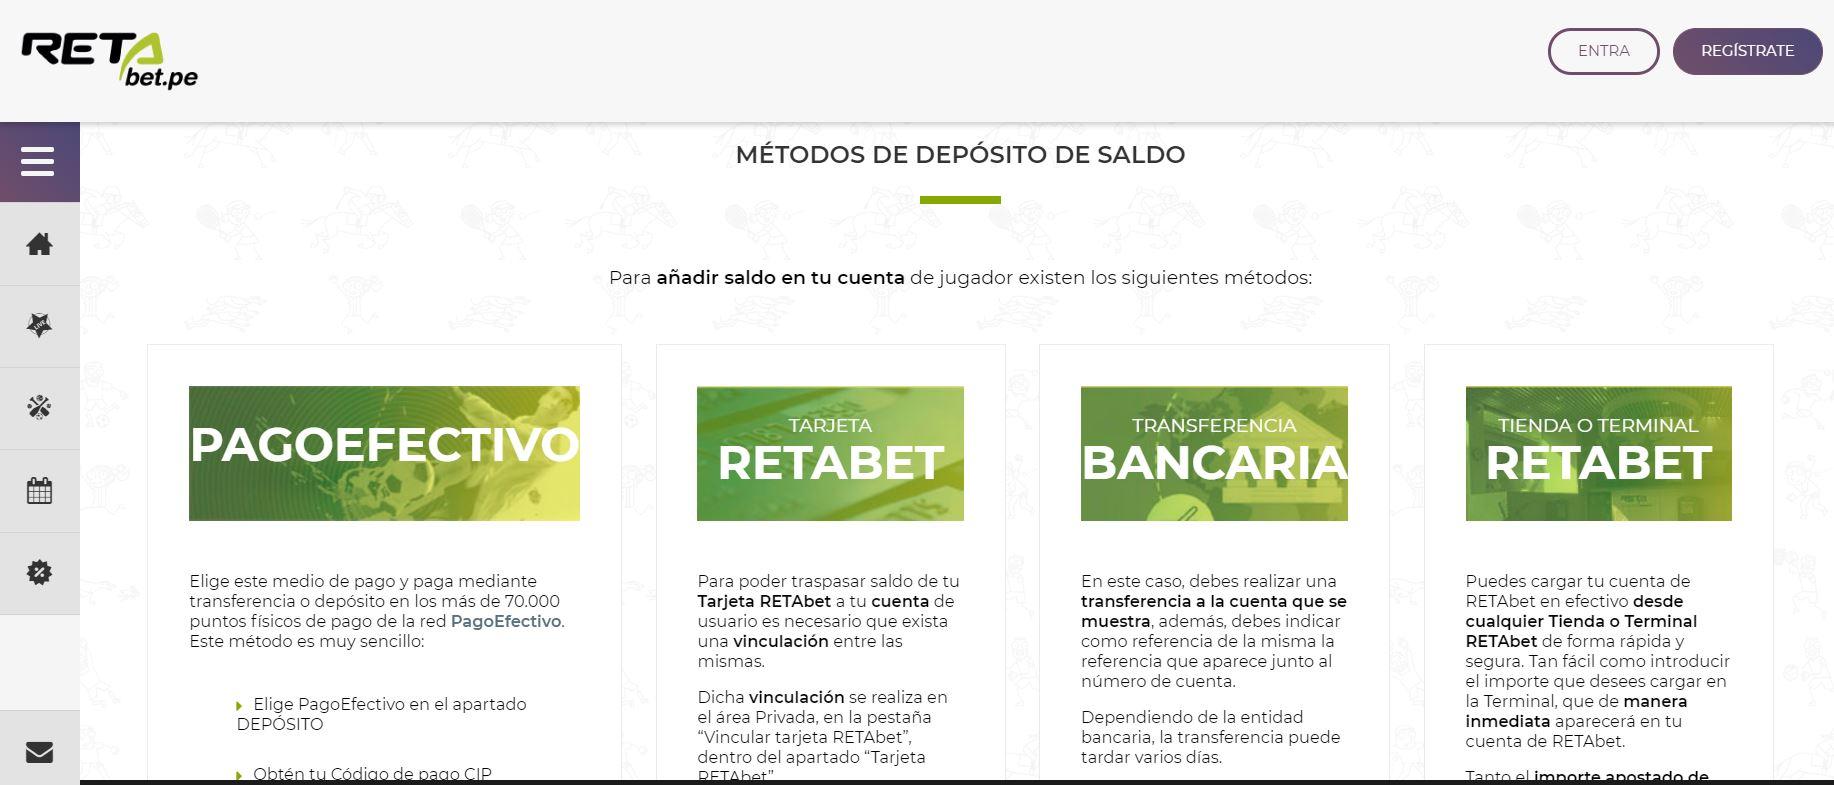 Método de pago RETAbet